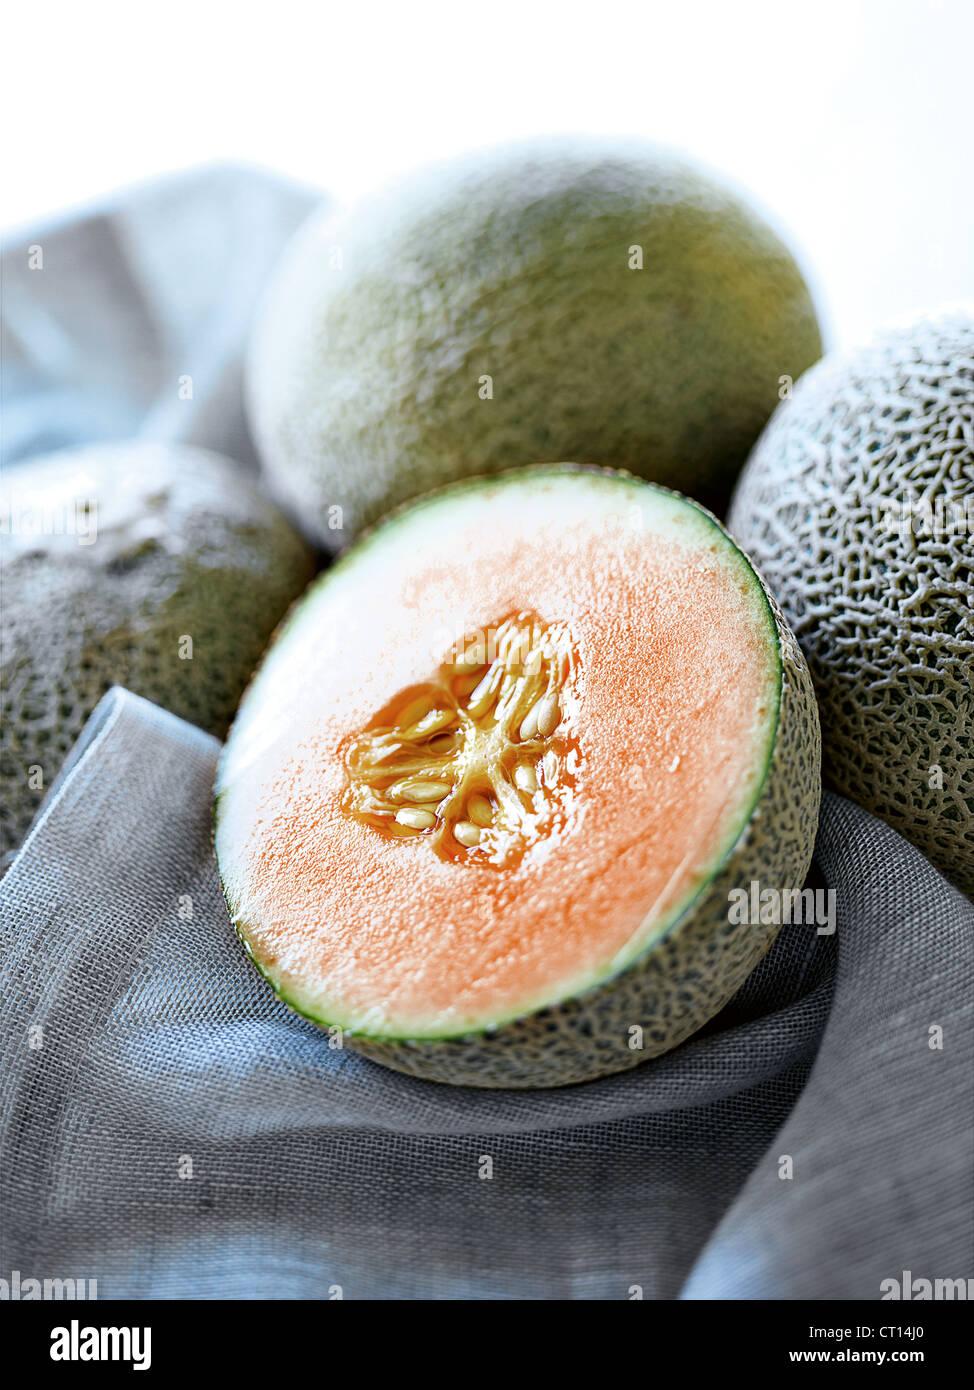 Cerca de la mitad de melón Imagen De Stock